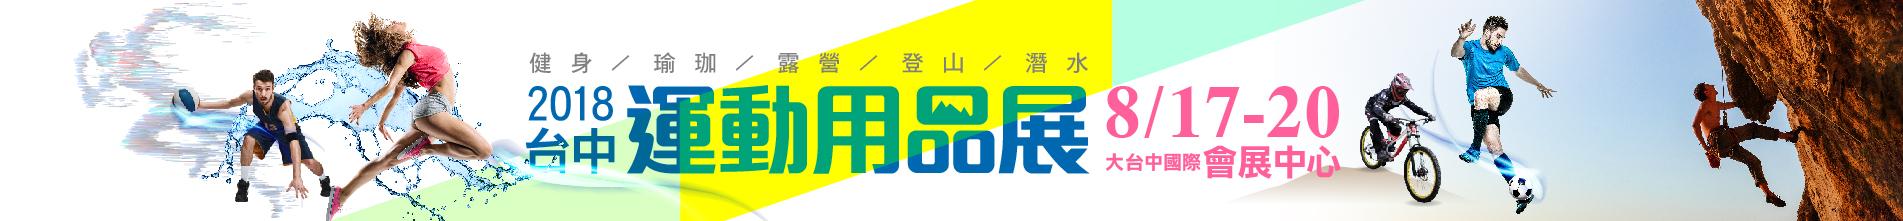 2018台中運動用品暨戶外休閒展